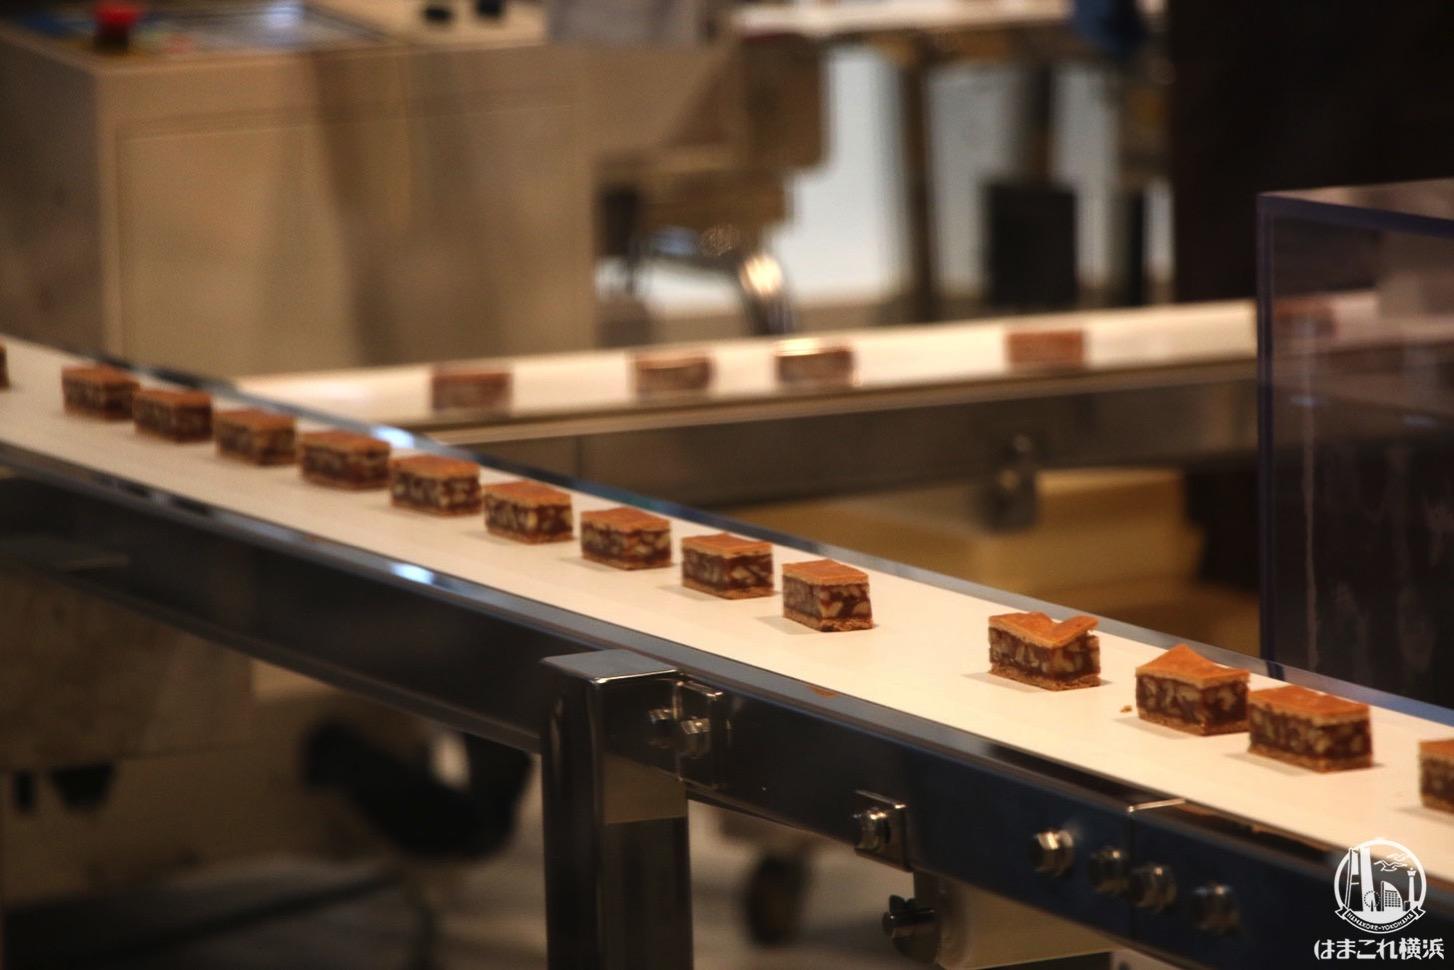 鎌倉紅谷 クルミッ子ファクトリーは製造工程見れて作れて味わえる!横浜ハンマーヘッド